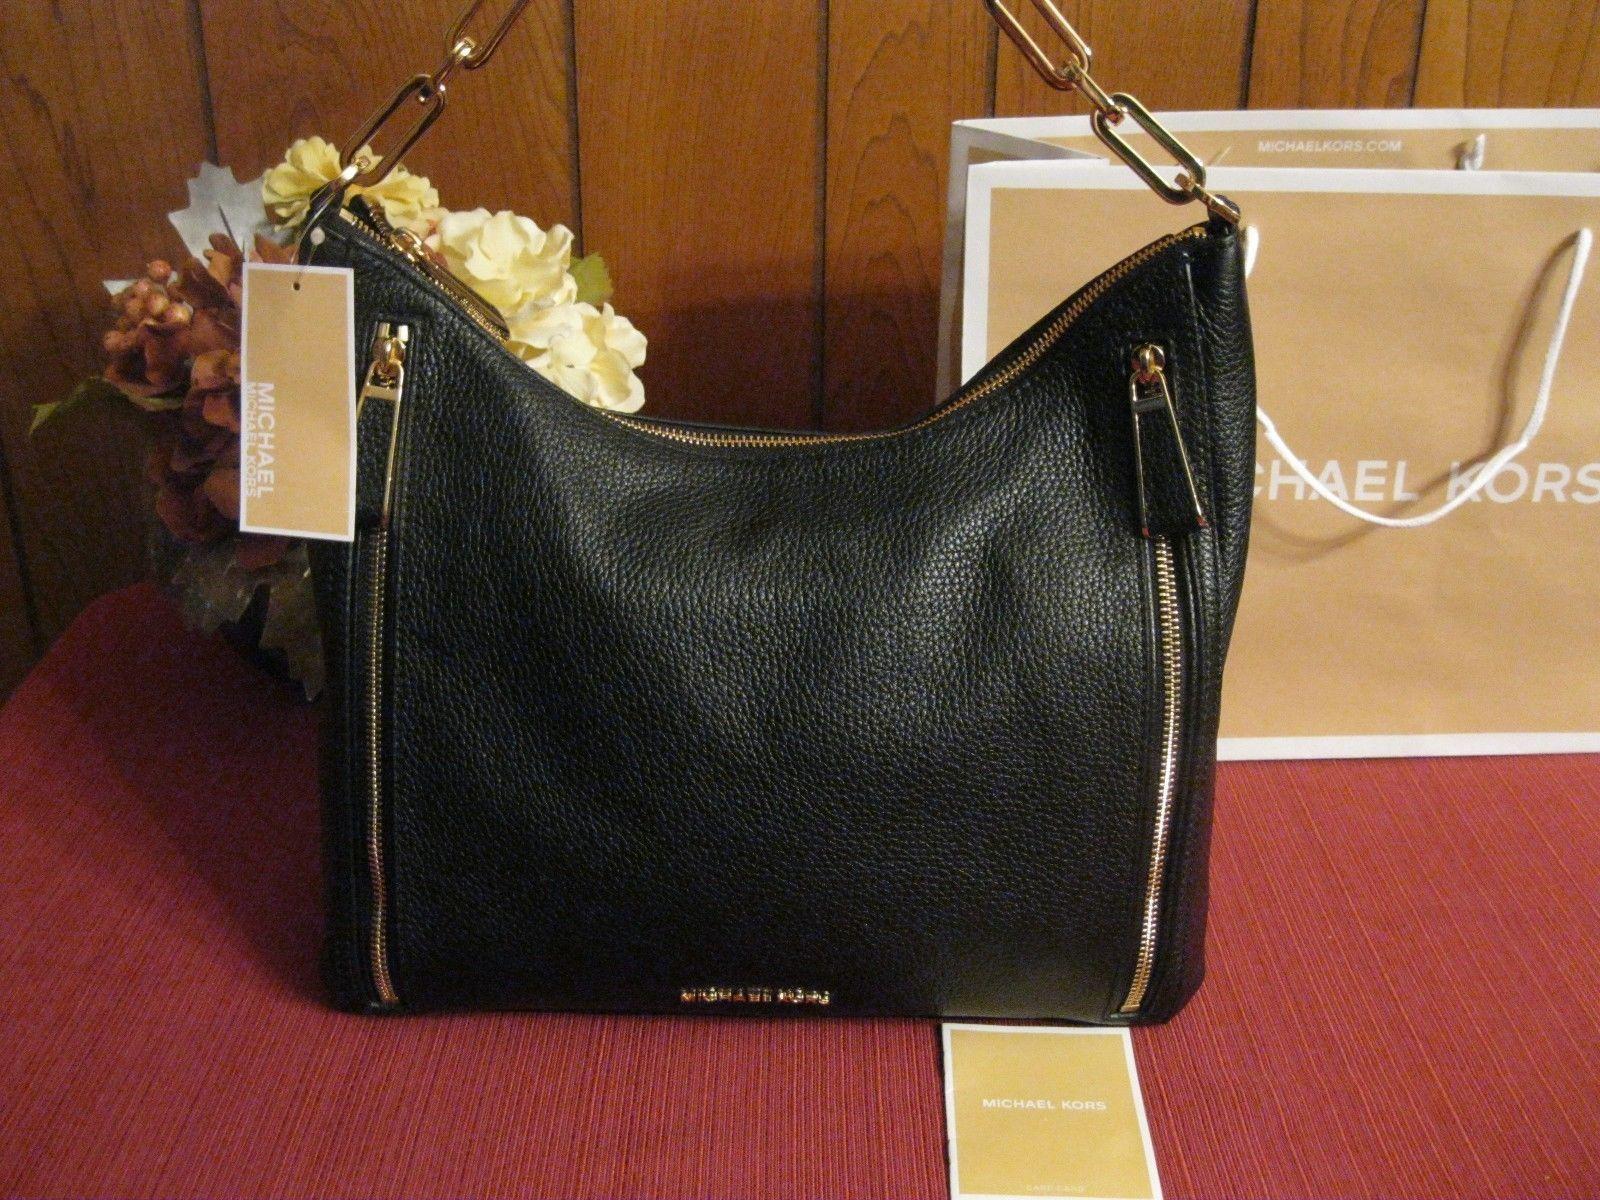 bbaaf7023a84 NWT Michael Kors Matilda Large Pebble Leather Shoulder Bag Hobo Black MSRP   328